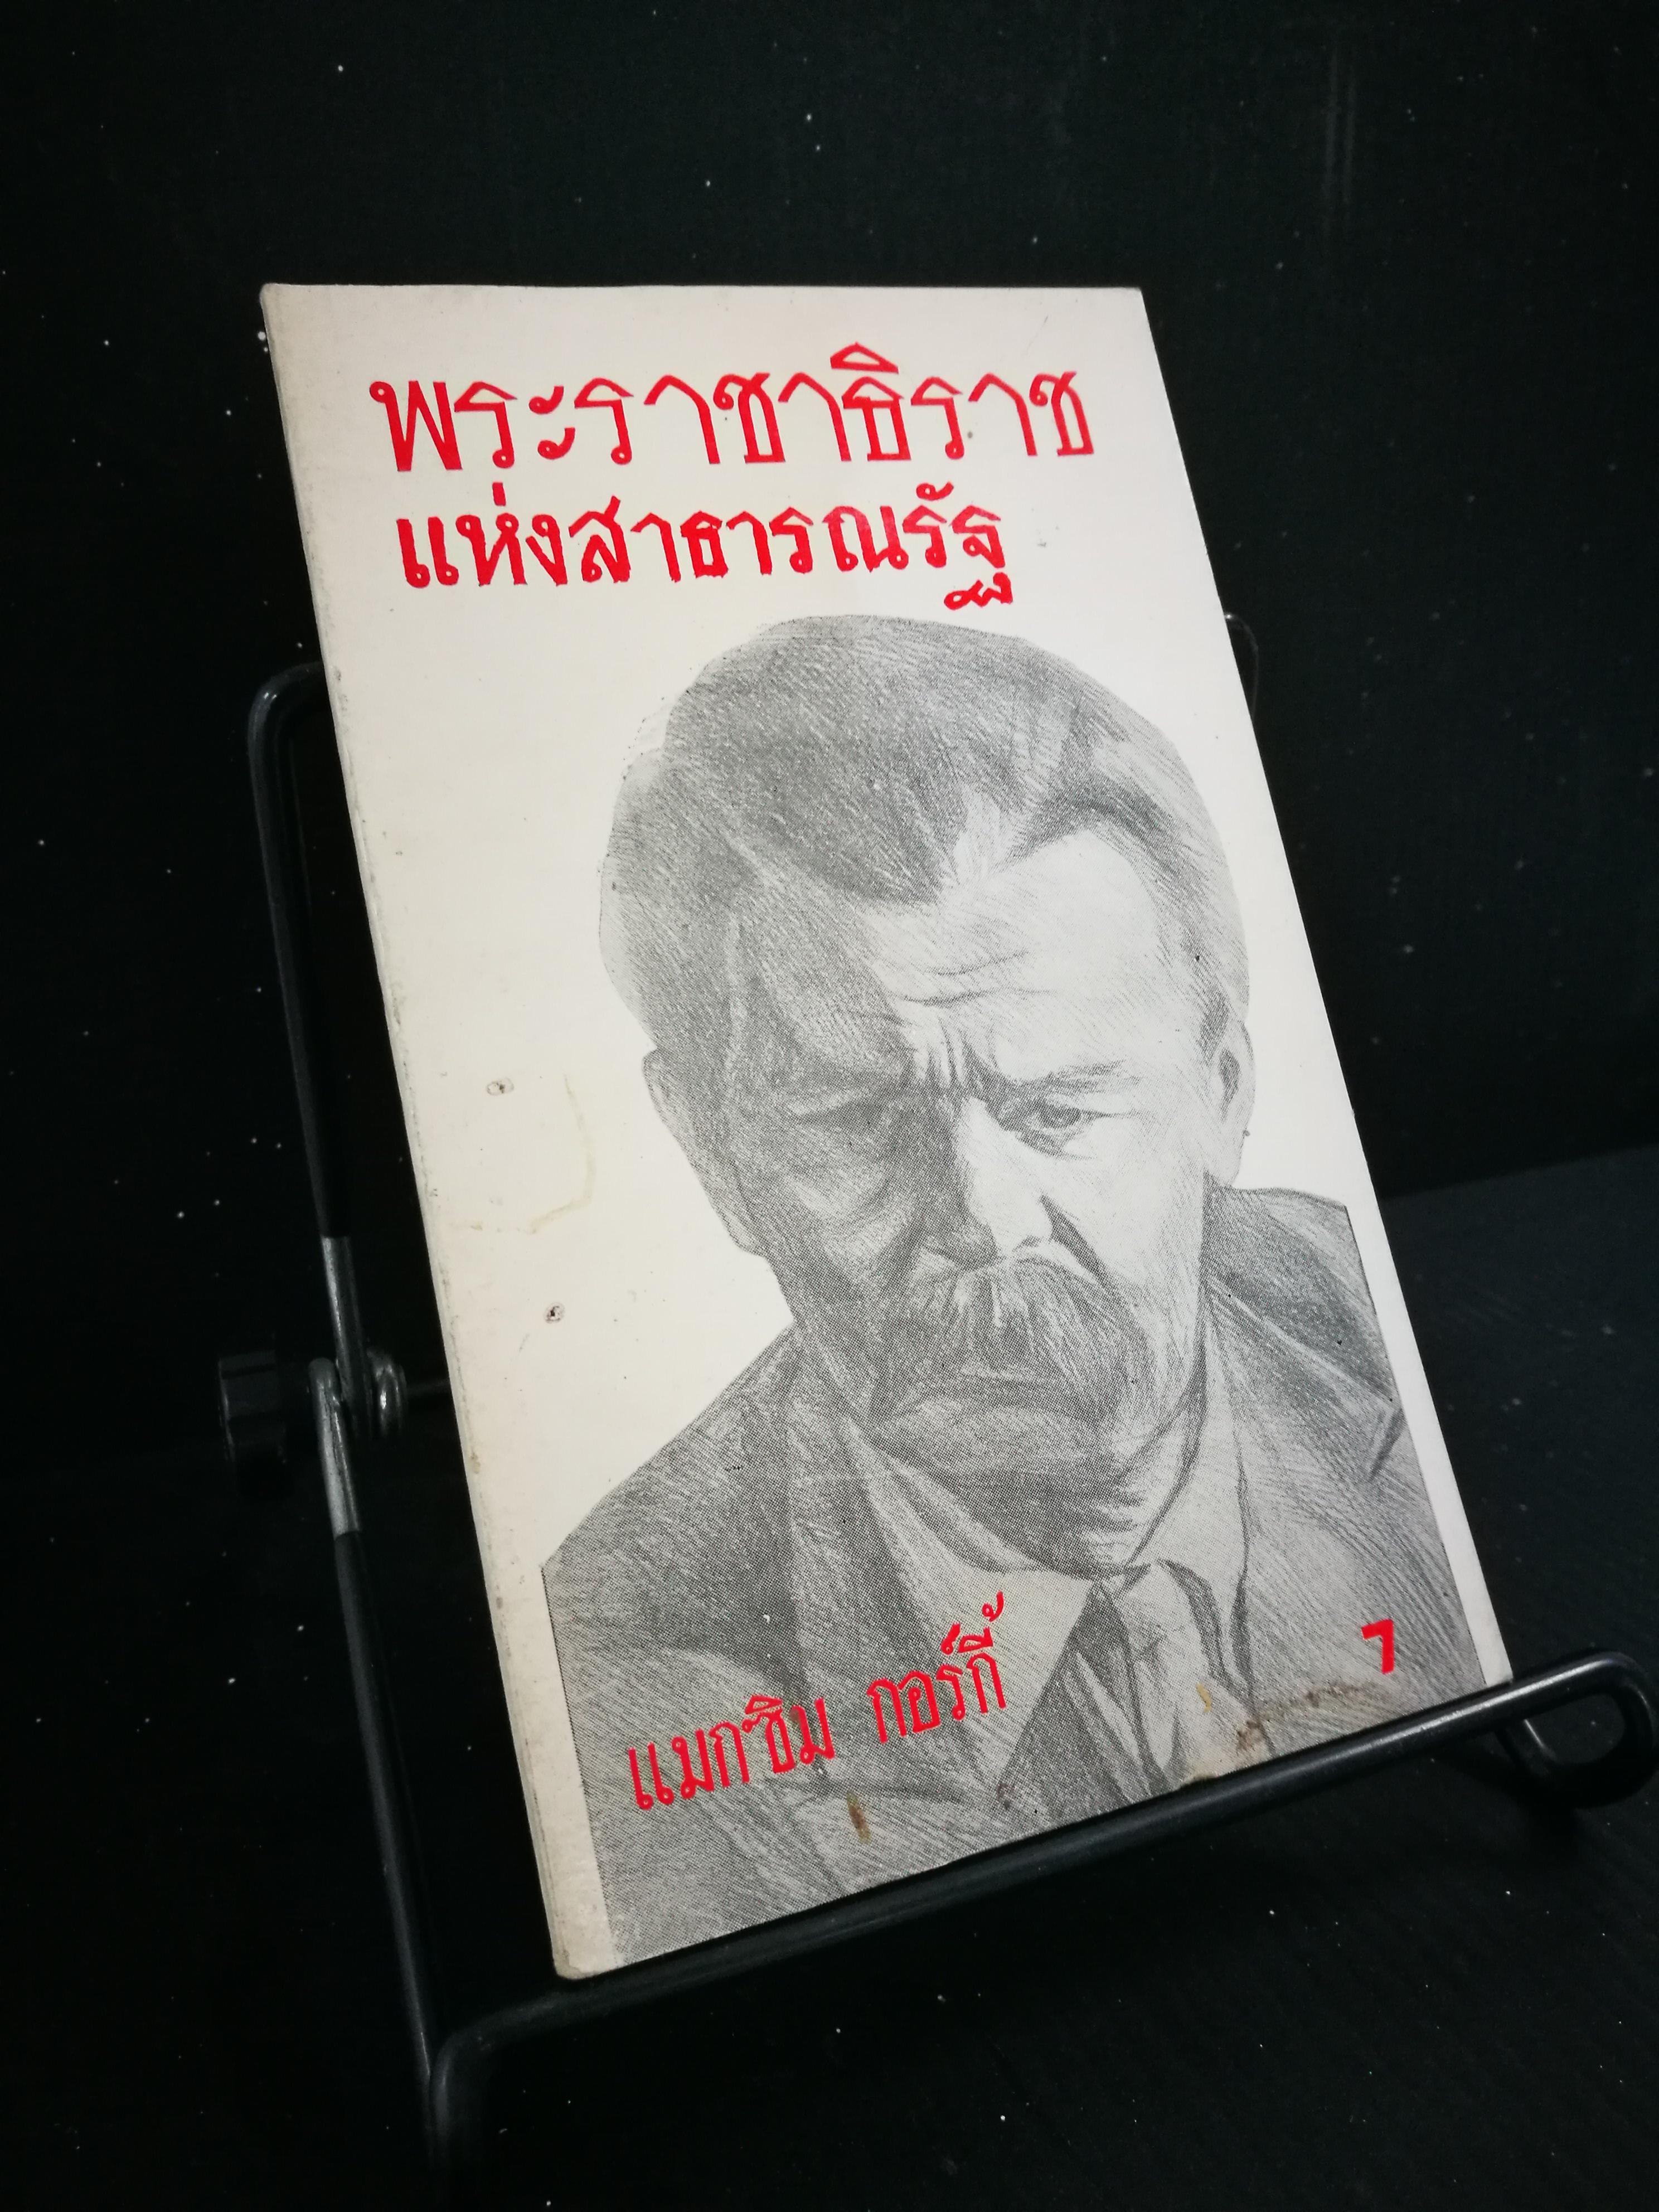 พระราชาธิราชแห่งสาธารณรัฐ - หนังสือต้องห้าม